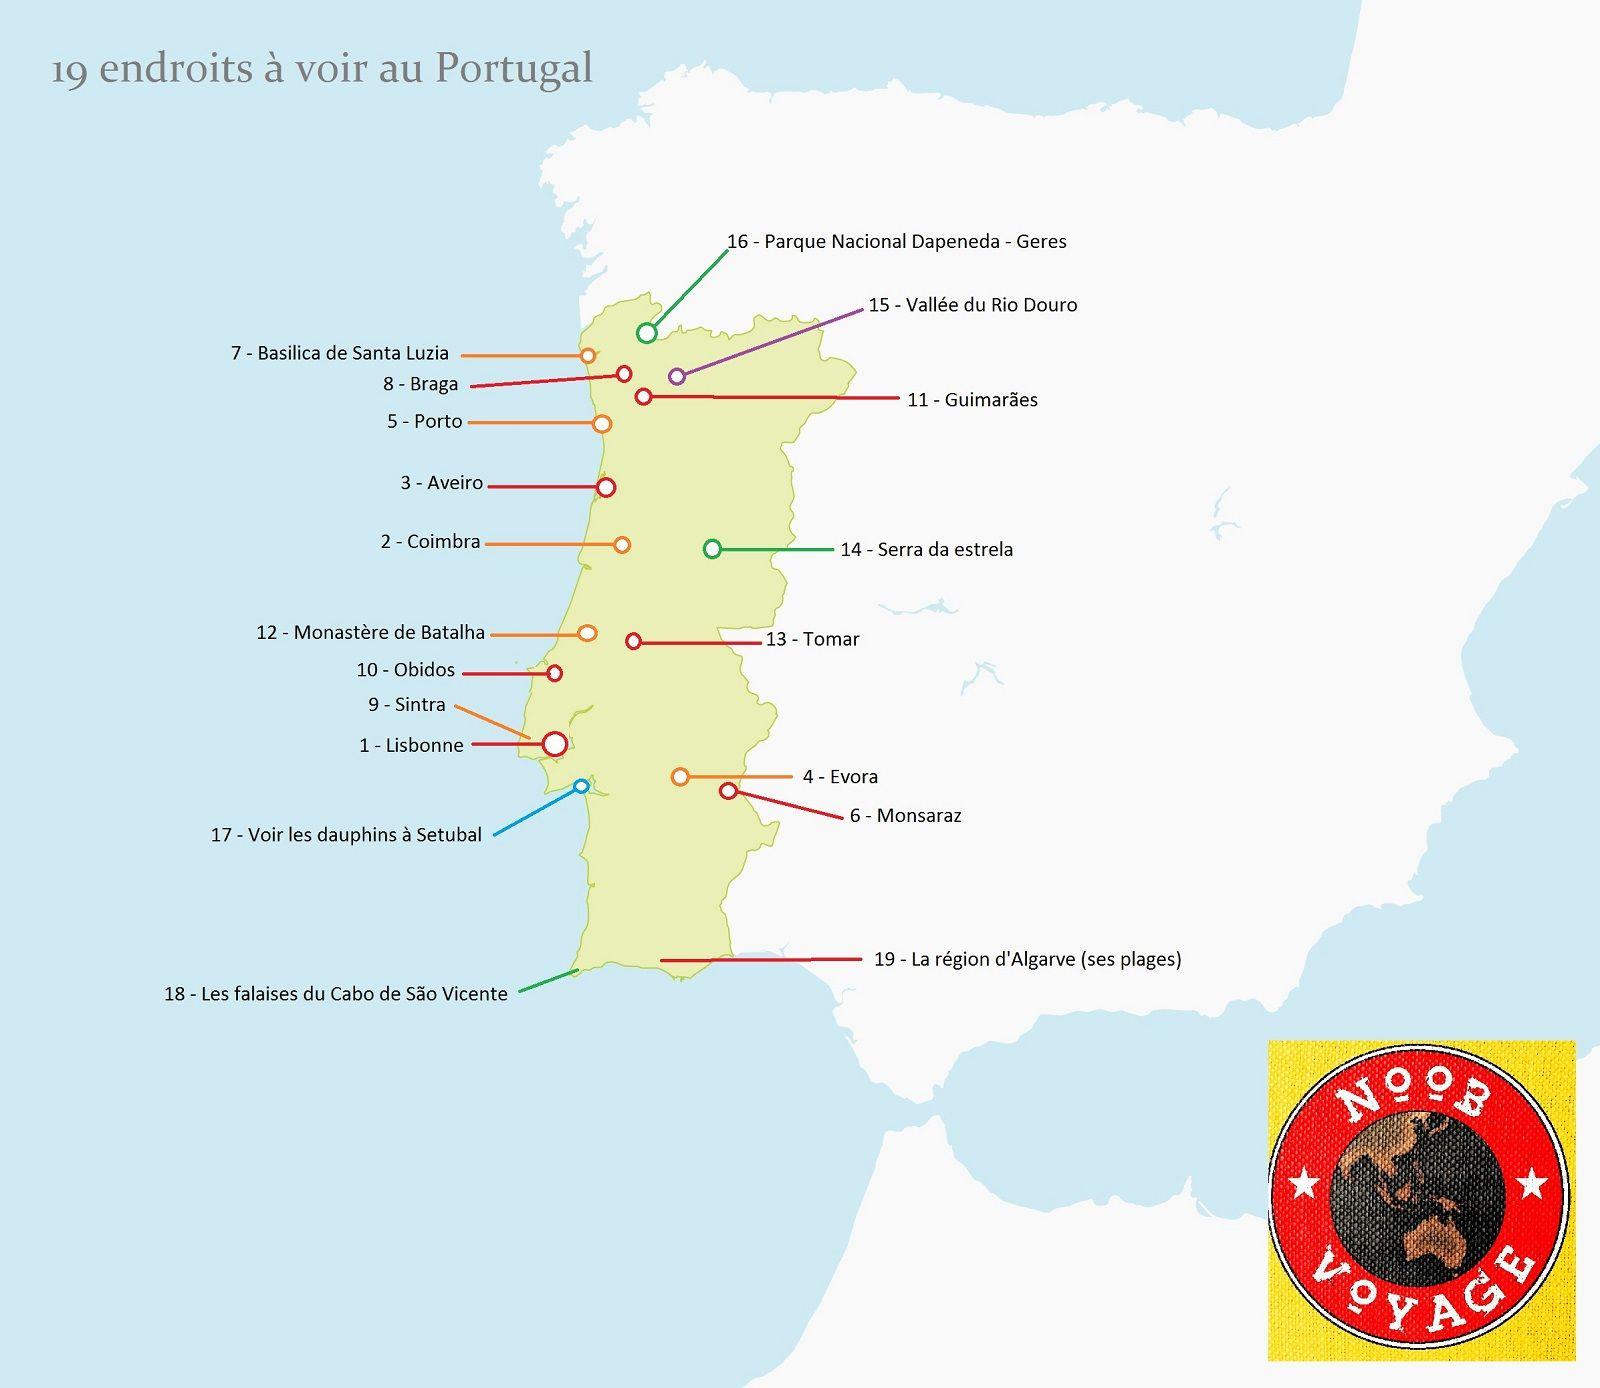 Carte Du Portugal Detaillee A Imprimer Les Endroits A Voir